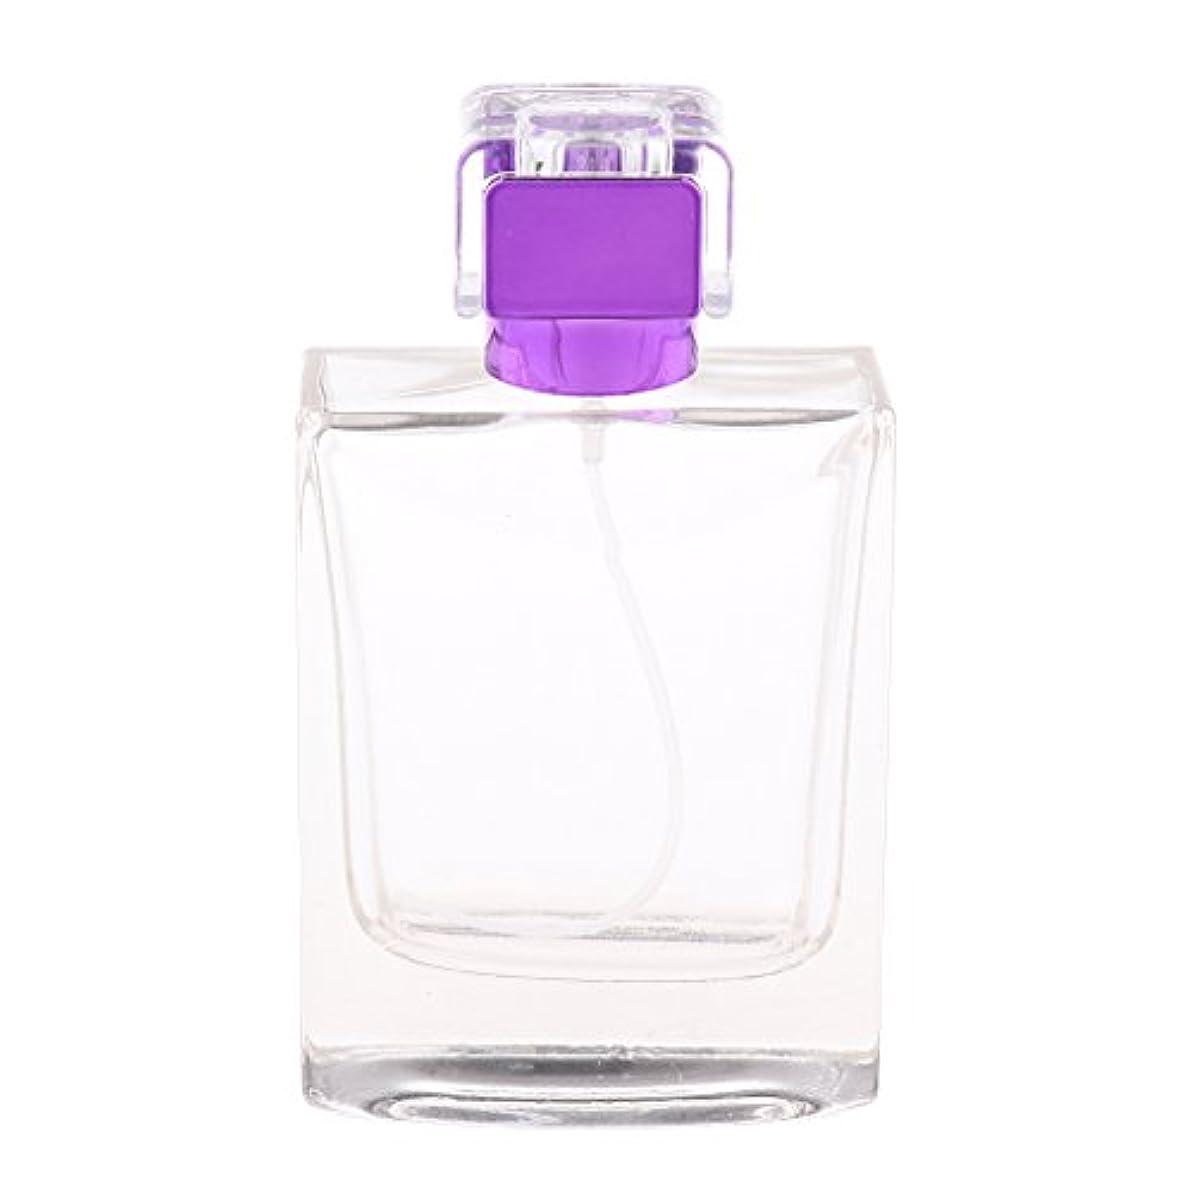 眠っている生むバラエティノーブランド品  100ml  矩形 香水瓶 スプレーボトル アトマイザー 詰め替え 旅行携帯便利  - 紫